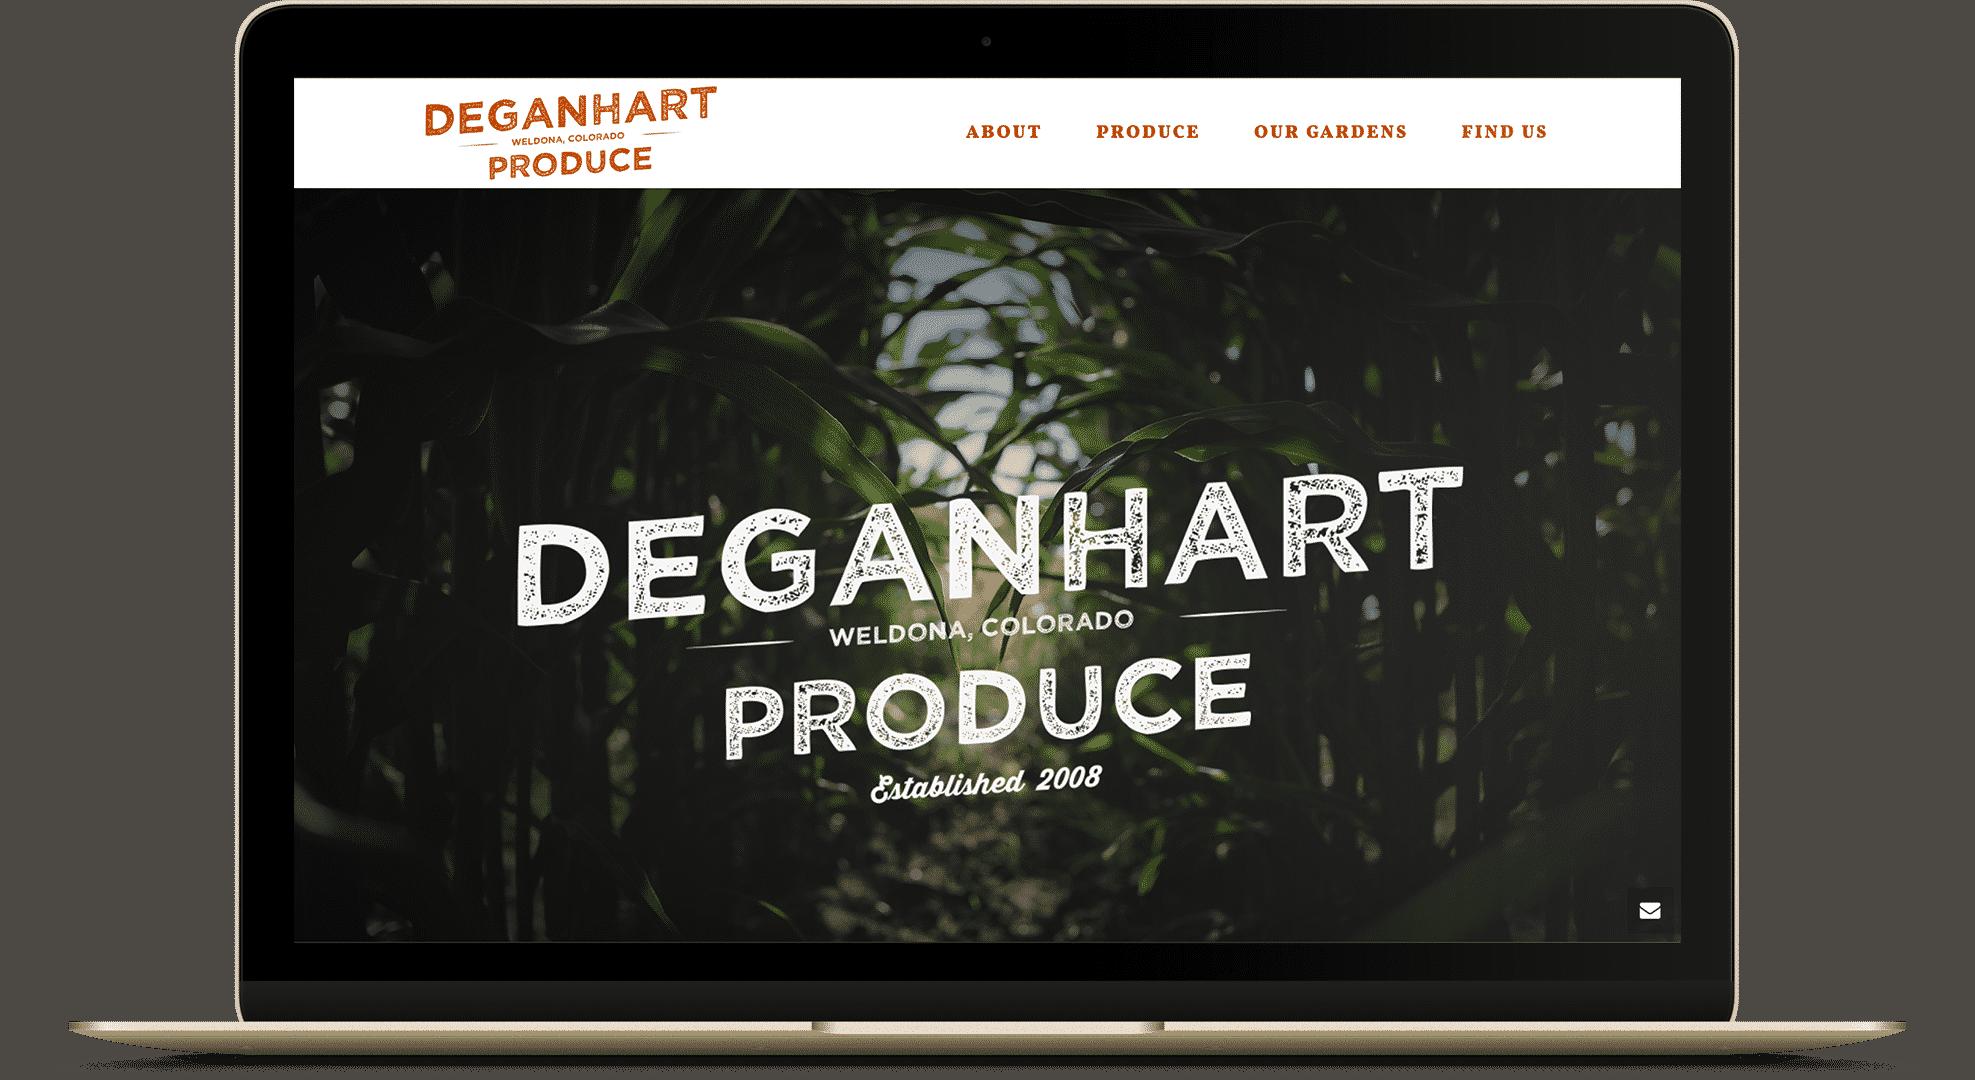 deganhartproduce